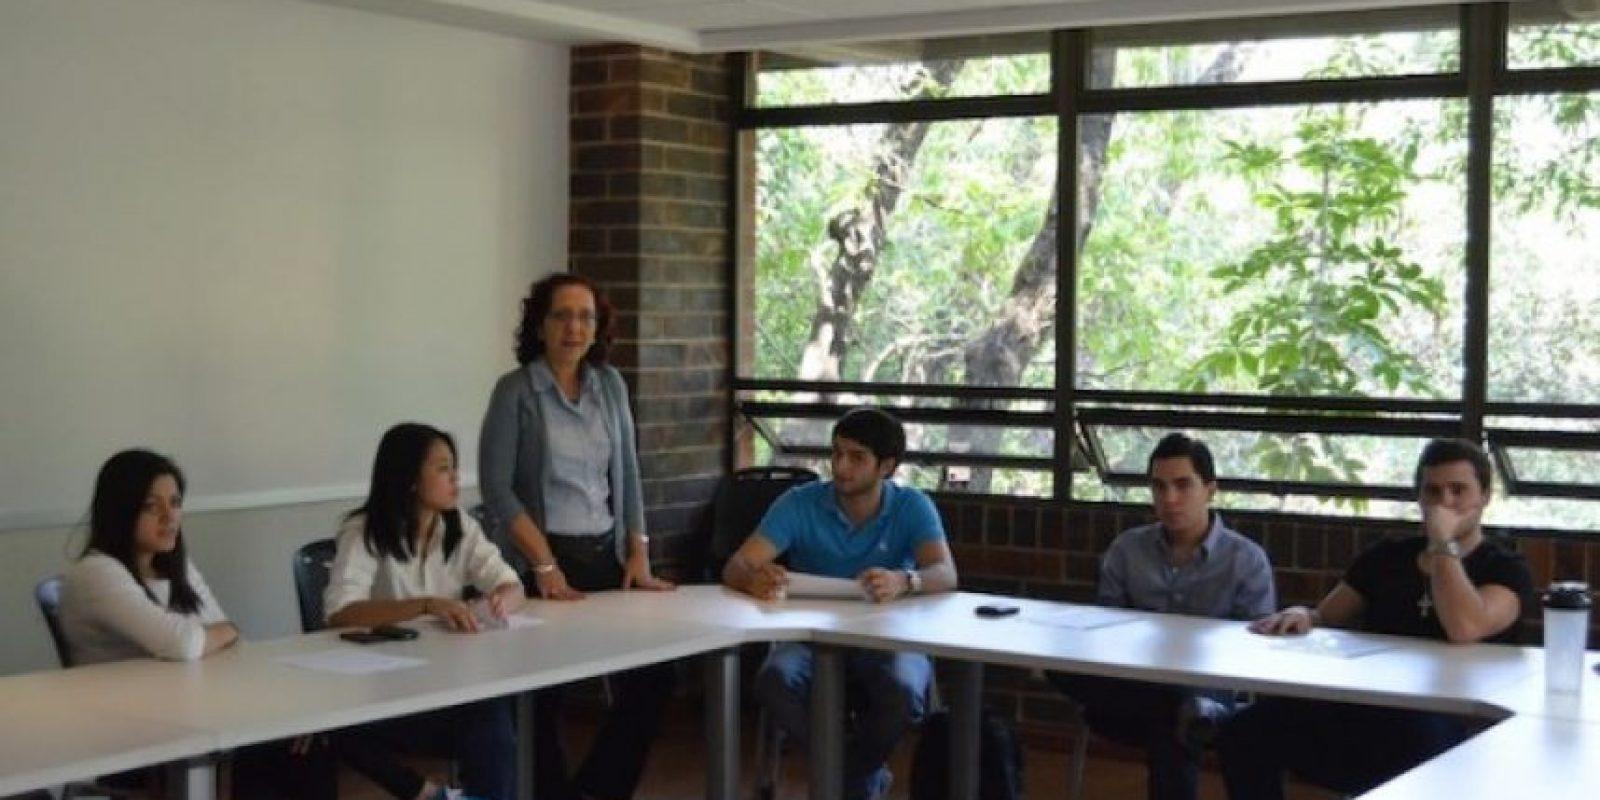 Las aulas están en armonía con la naturaleza. Foto:Juan José López Torres